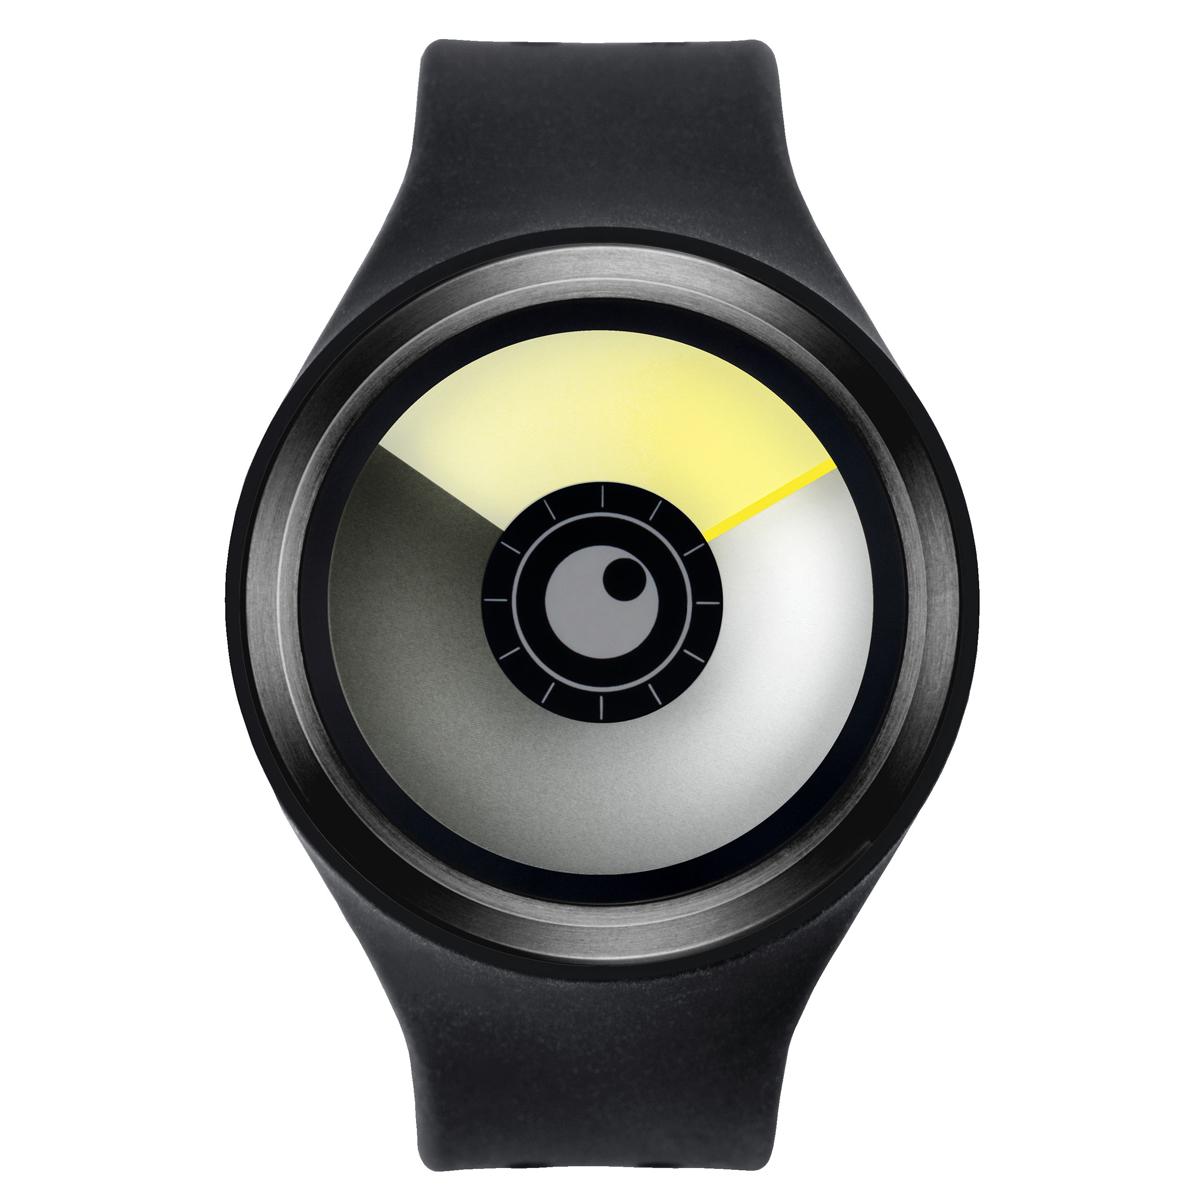 ZEROO AURORA BOREALIS ゼロ 電池式クォーツ 腕時計 [W00702B03SR02] ブラック デザインウォッチ ペア用 メンズ レディース ユニセックス おしゃれ時計 デザイナーズ